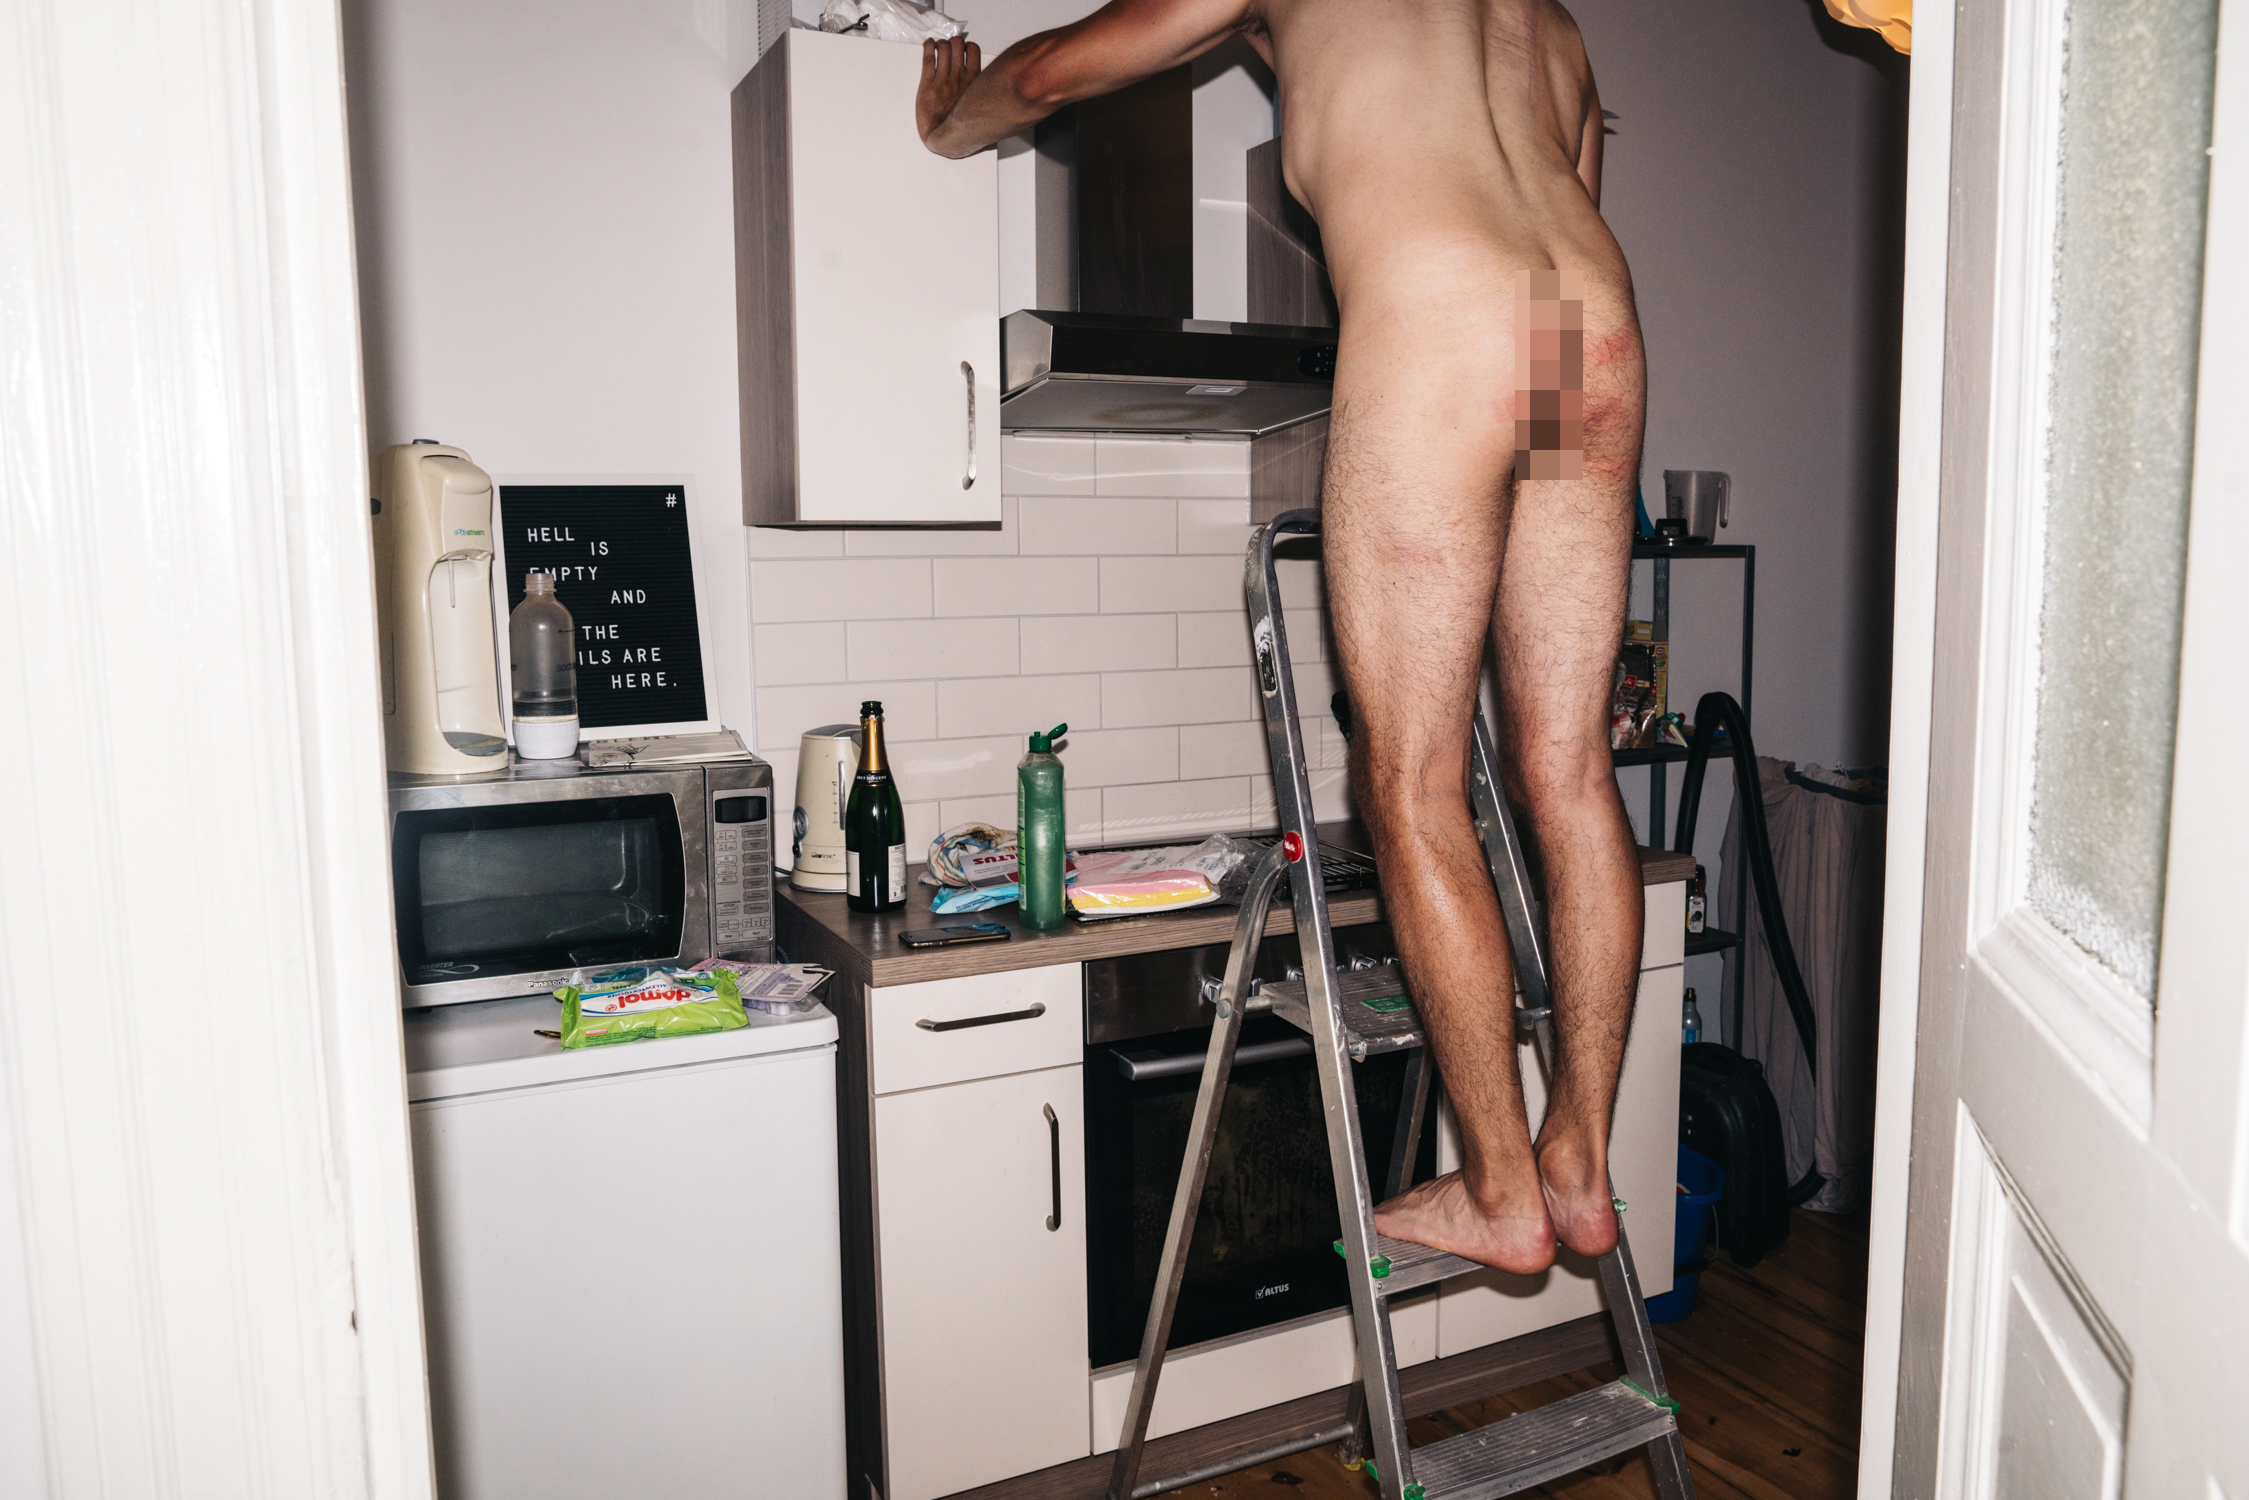 Mann nackt putzen Er zwingt